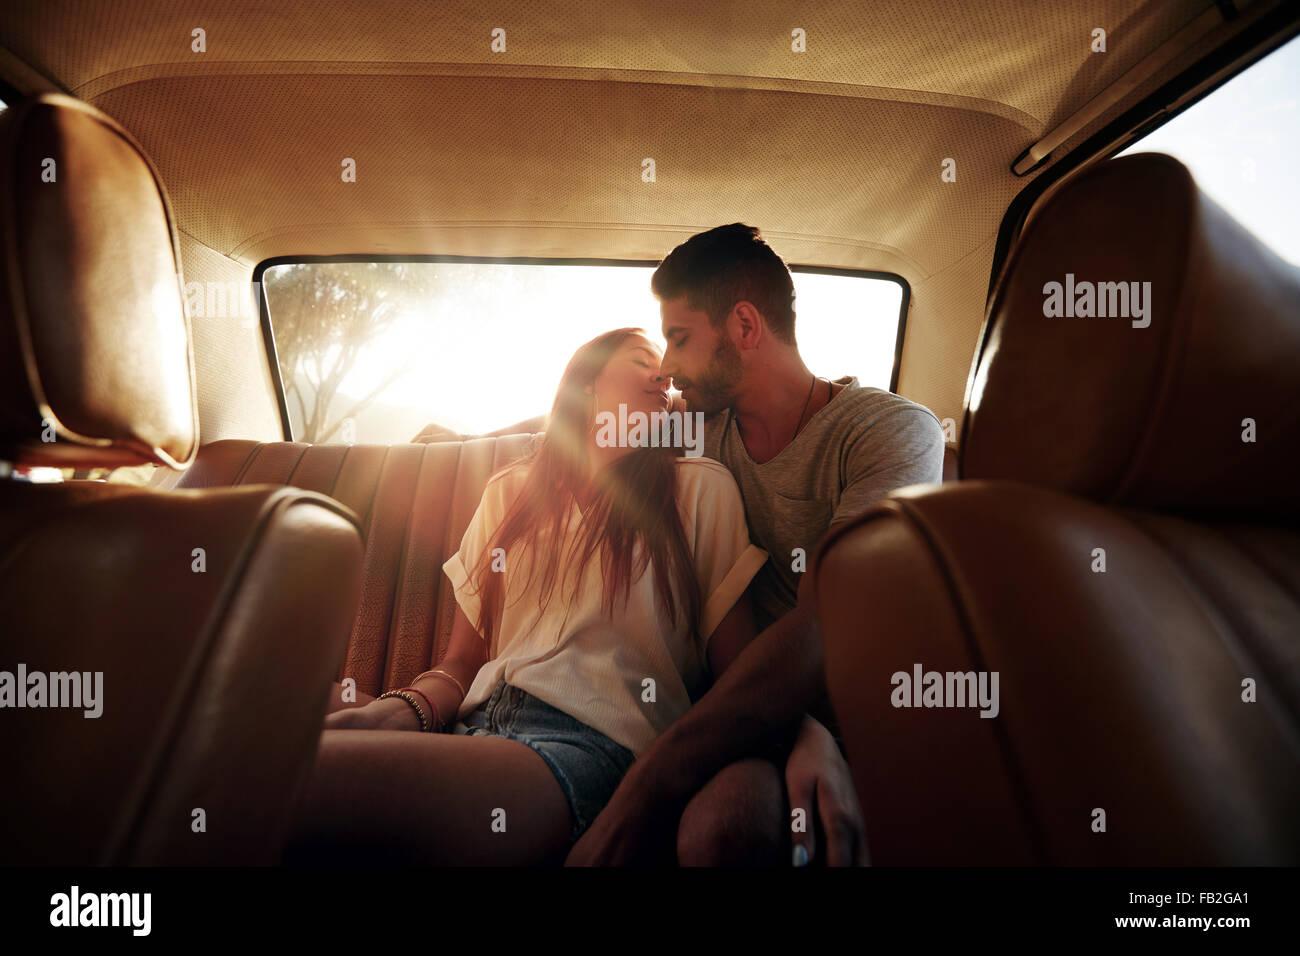 Romantische junges Paar auf Rücksitz des Autos. Liebespaar auf Roadtrip. Stockbild